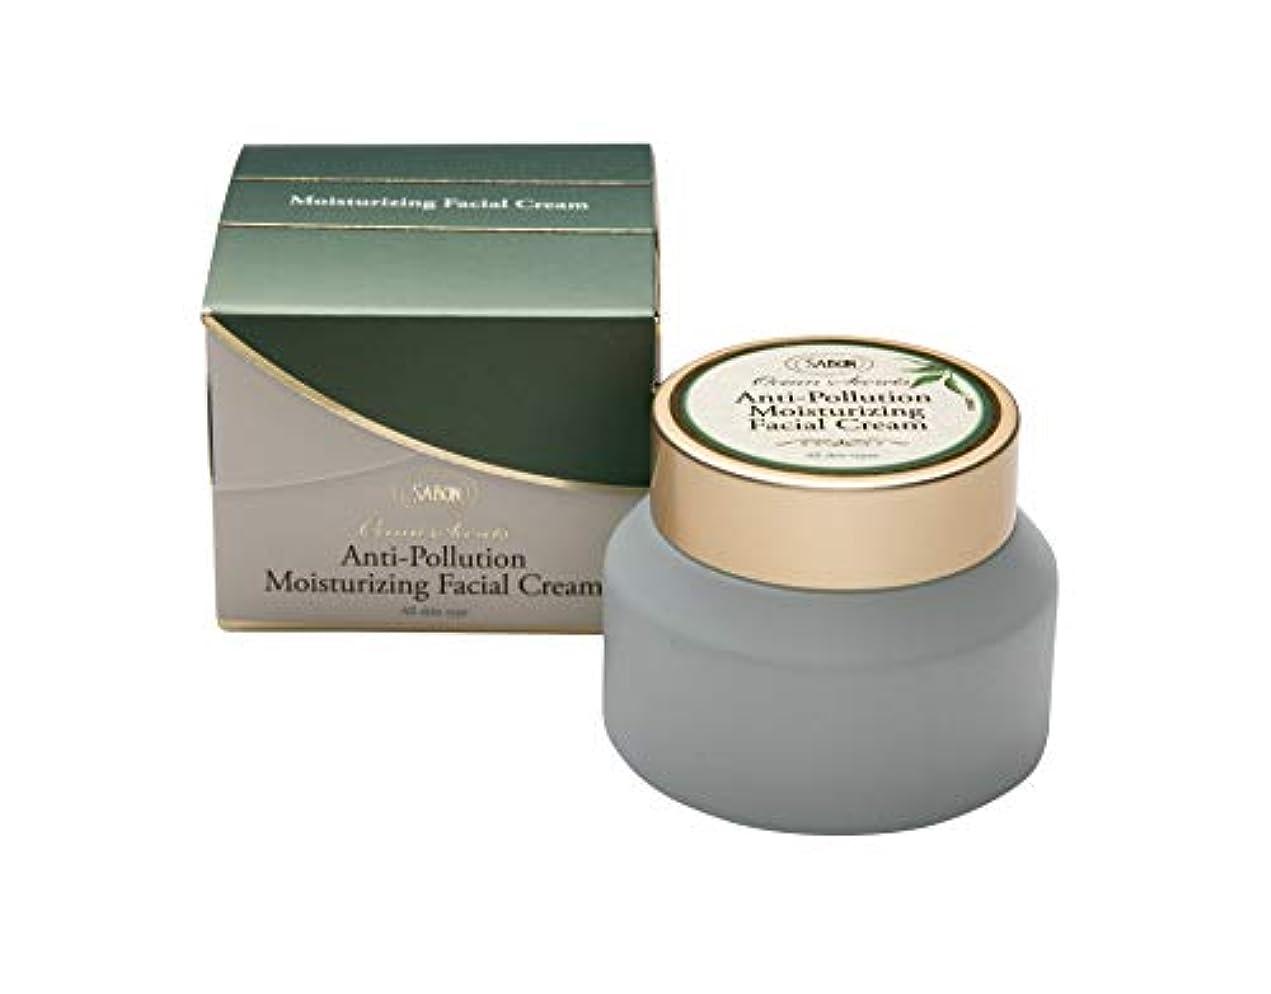 失望安らぎ陽気な【SABON(サボン)】Ocean Secrets AP Moisturizing Facial Cream(オーシャン シークレット AP モイスチャライジング フェイシャル クリーム) イスラエルより直送 [並行輸入品]